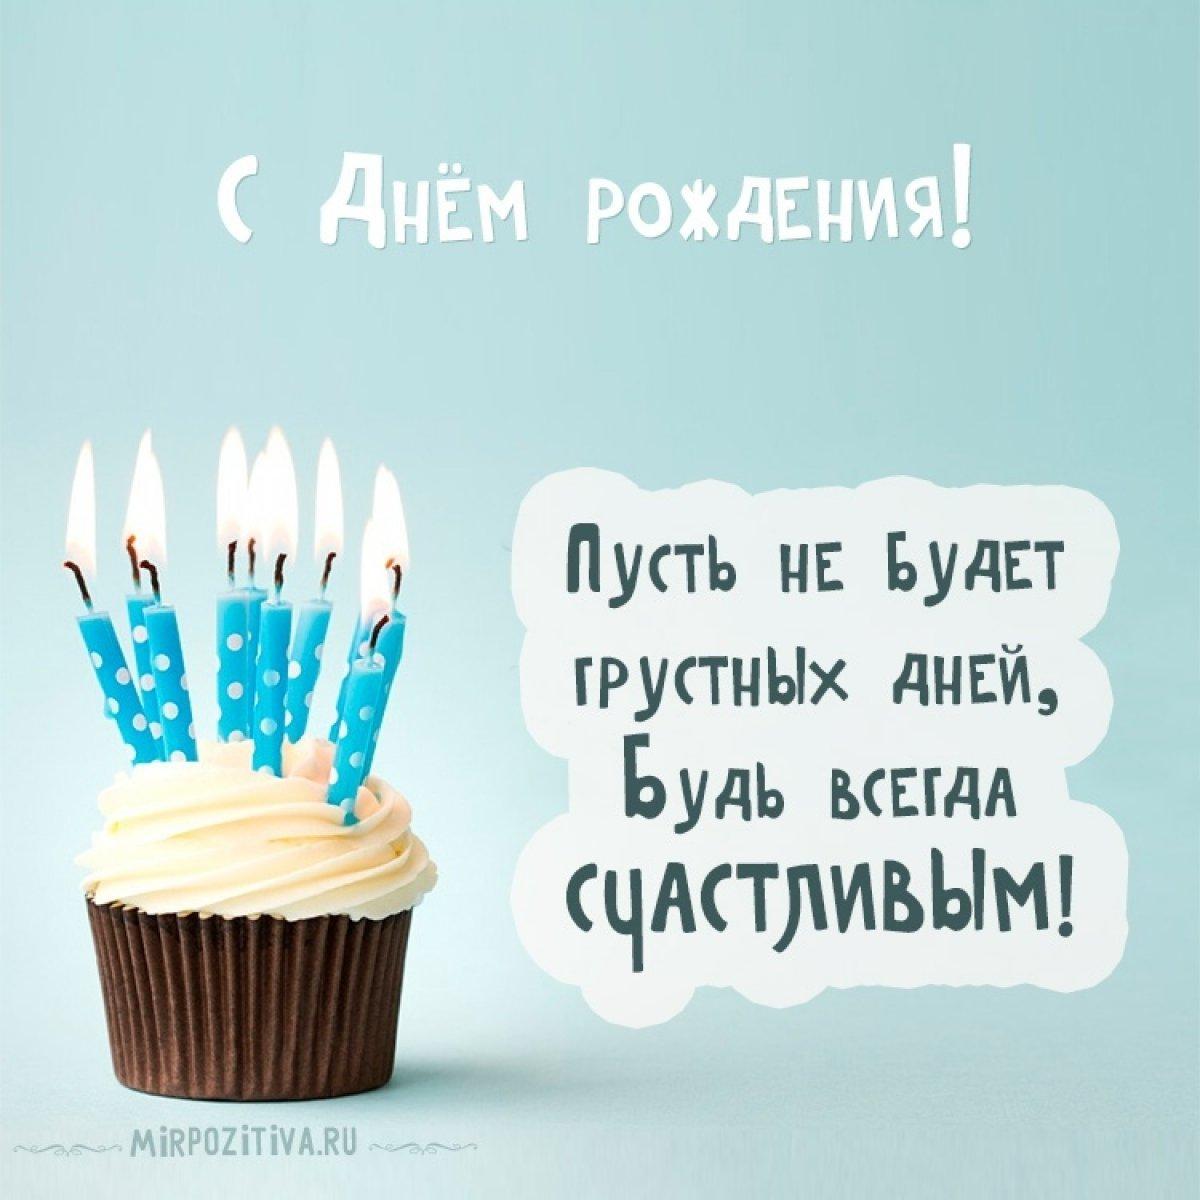 Креативные поздравления с днем рождения мужчине в прозе оригинальные